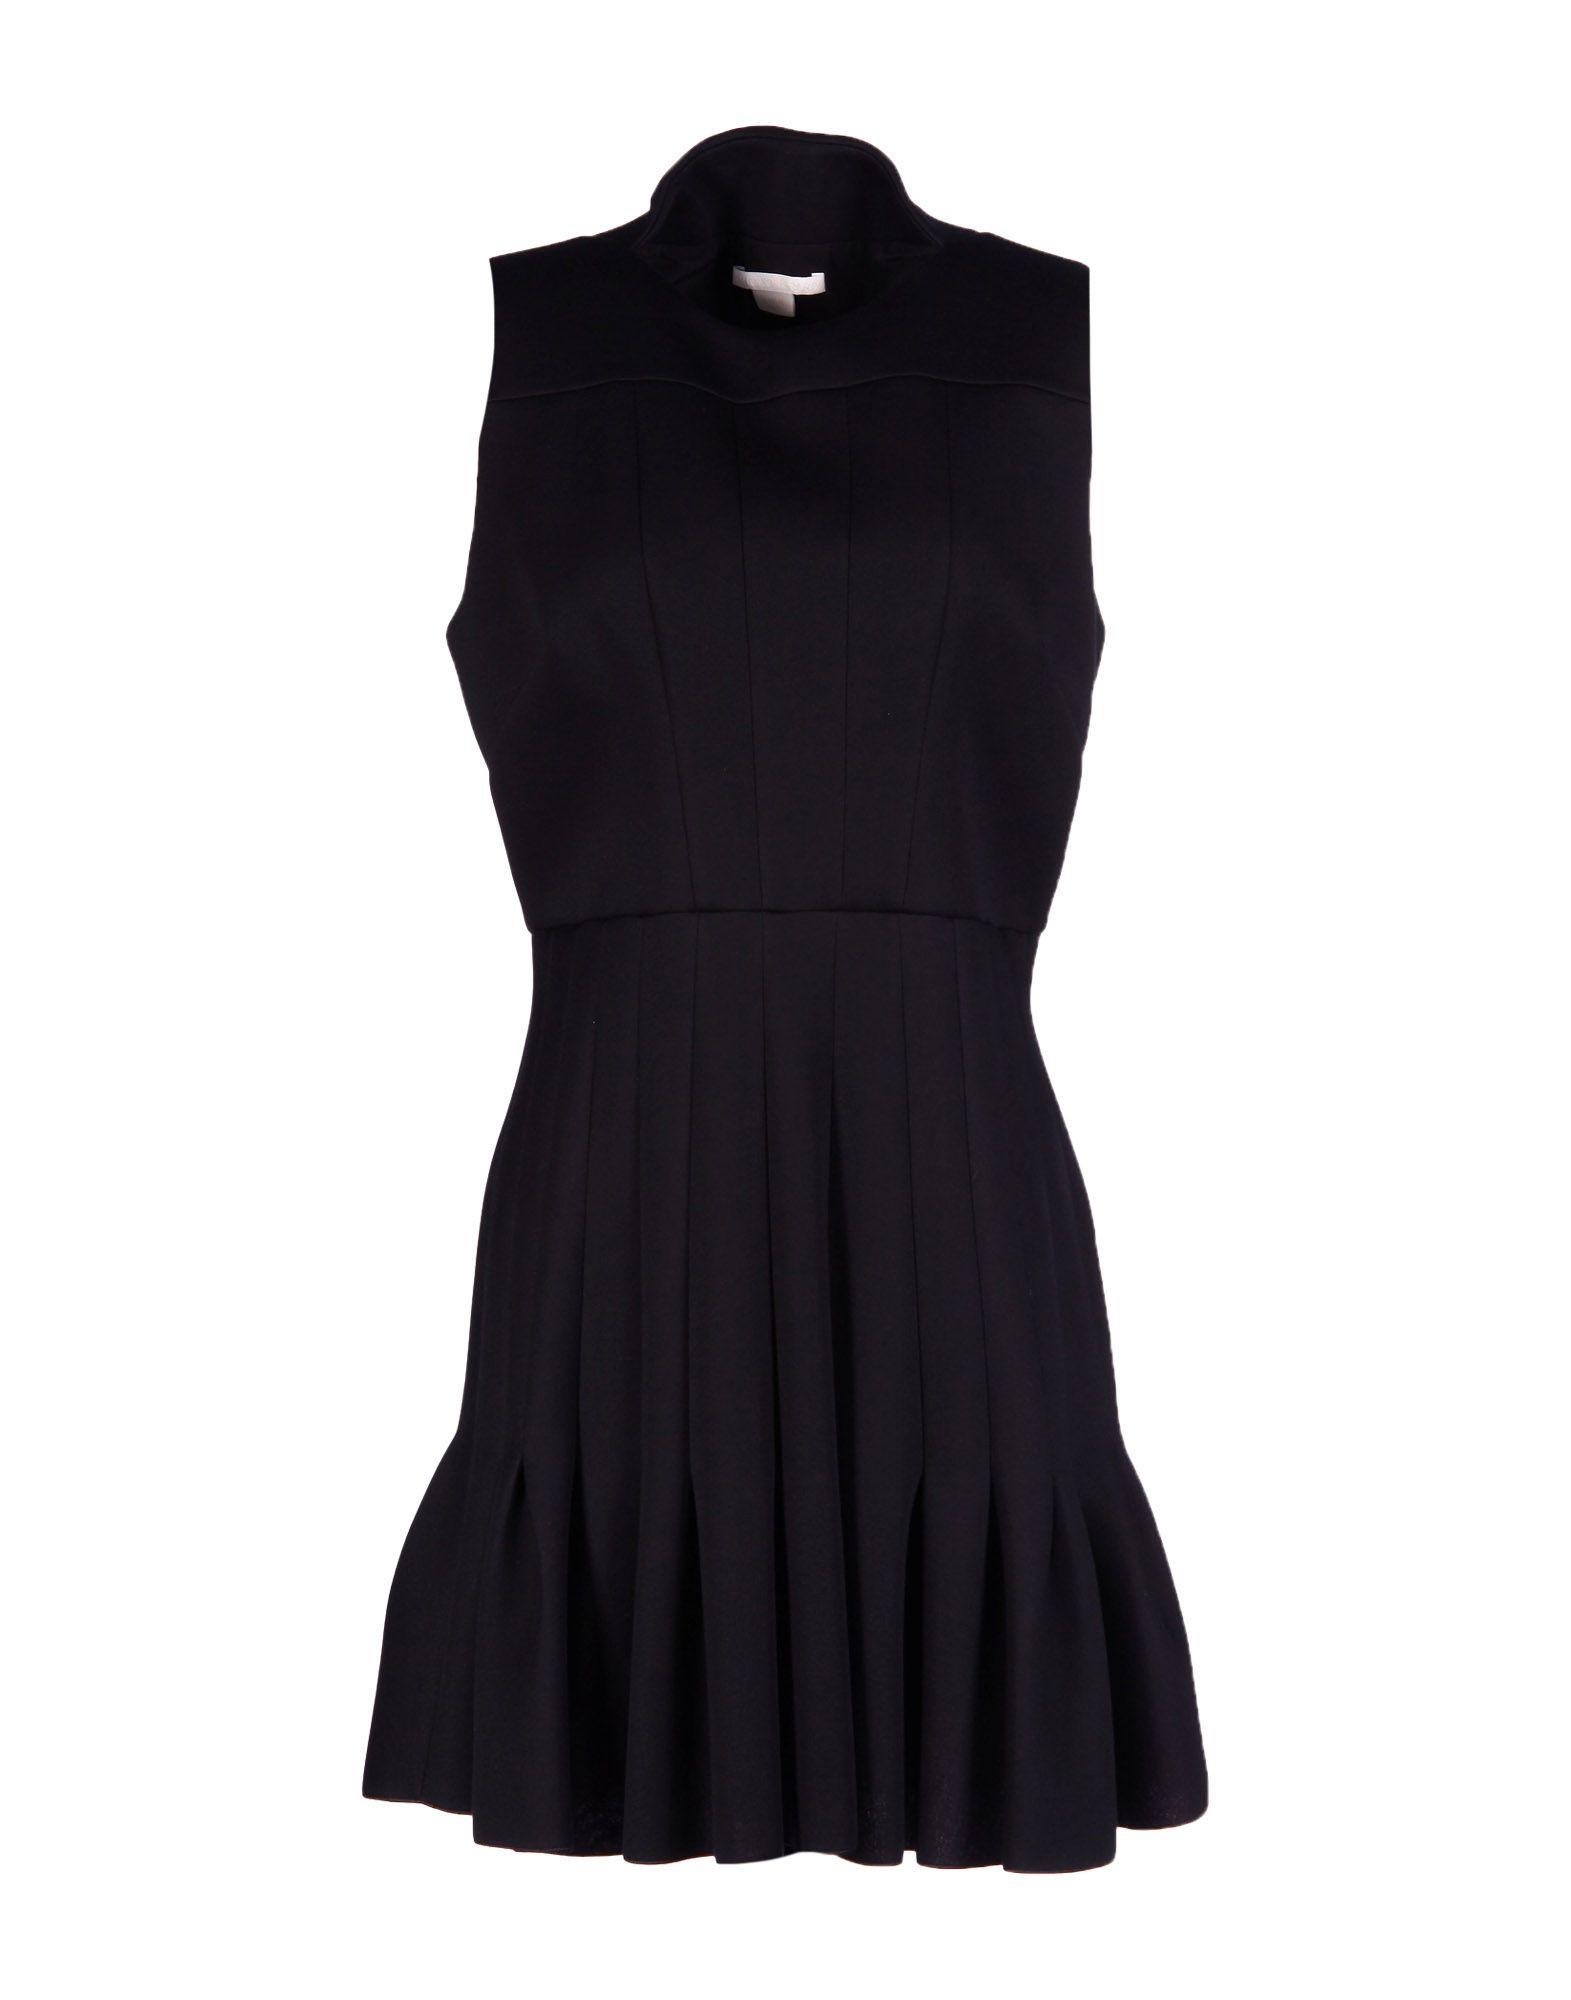 купить ANTONIO BERARDI Короткое платье по цене 33350 рублей